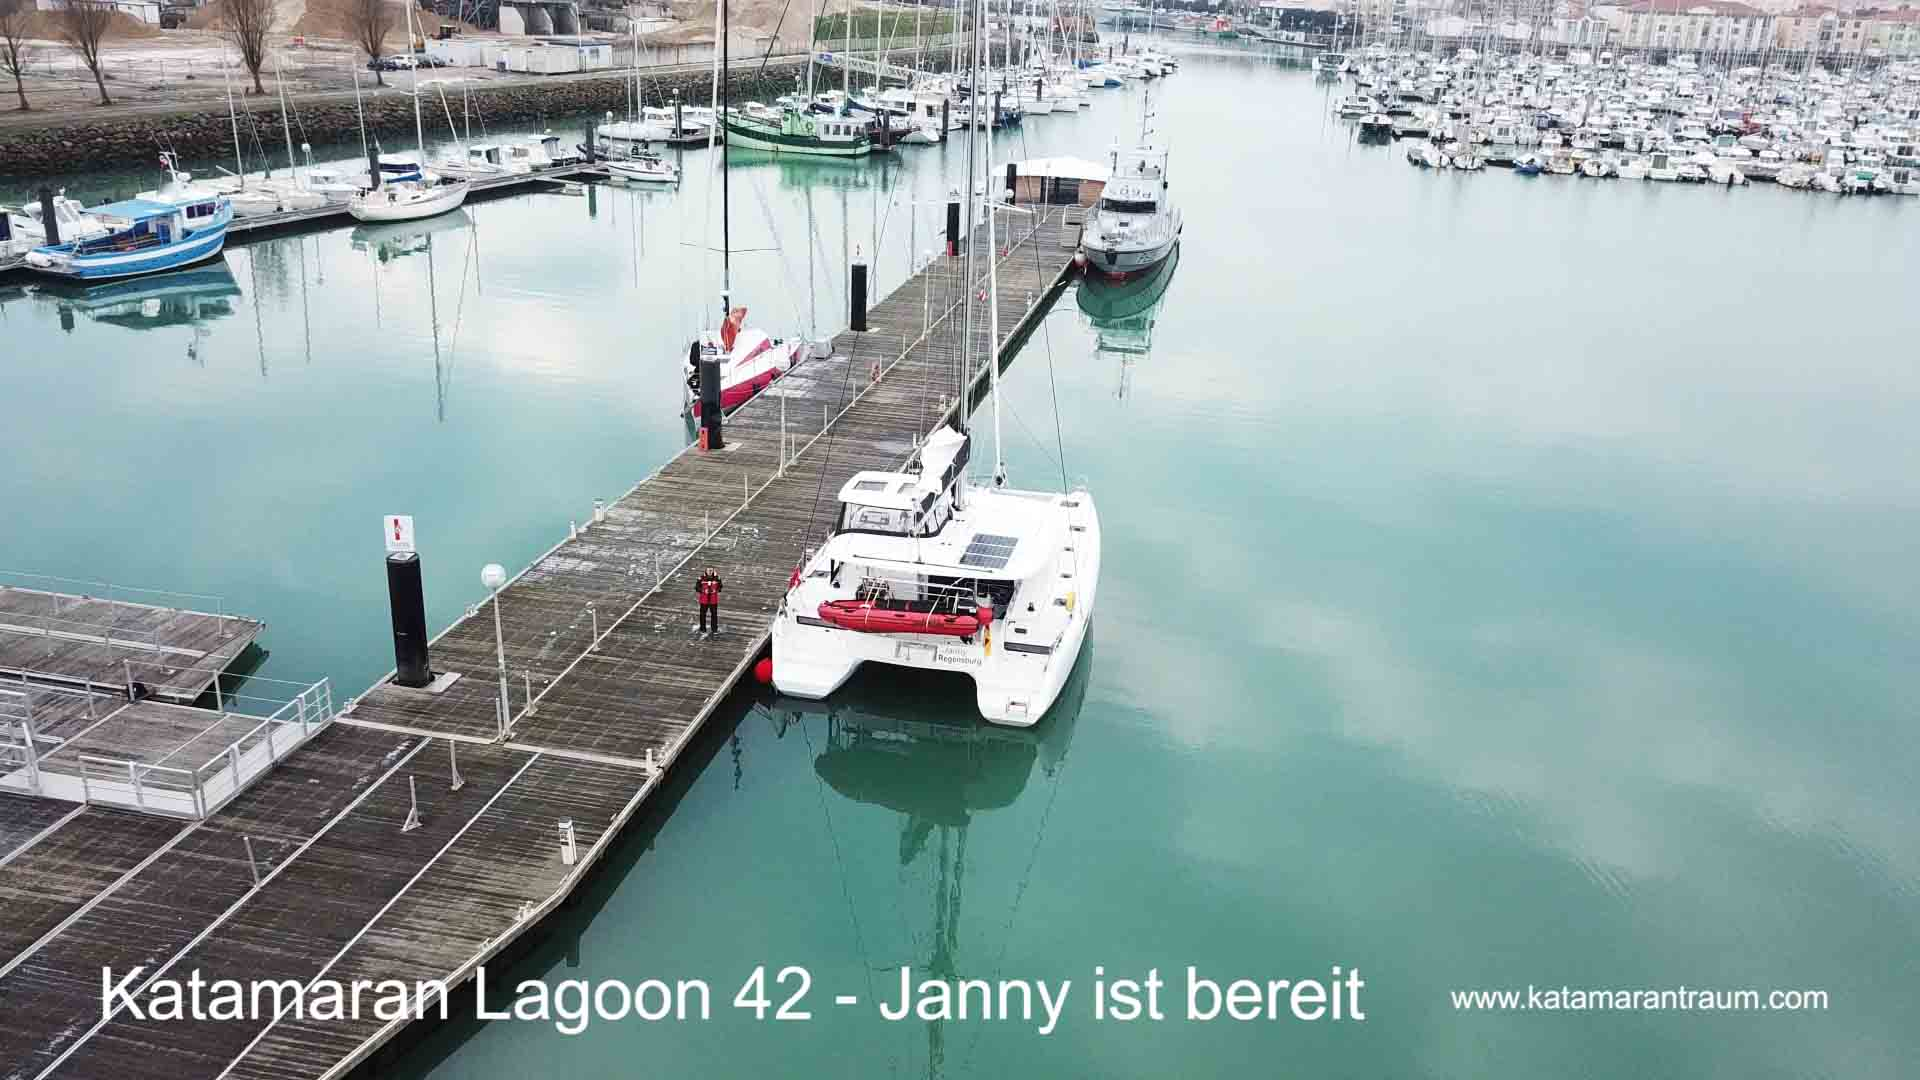 Anlegesteg nach Übergabe in Hafen - Marina von Les Sables - Frankreich